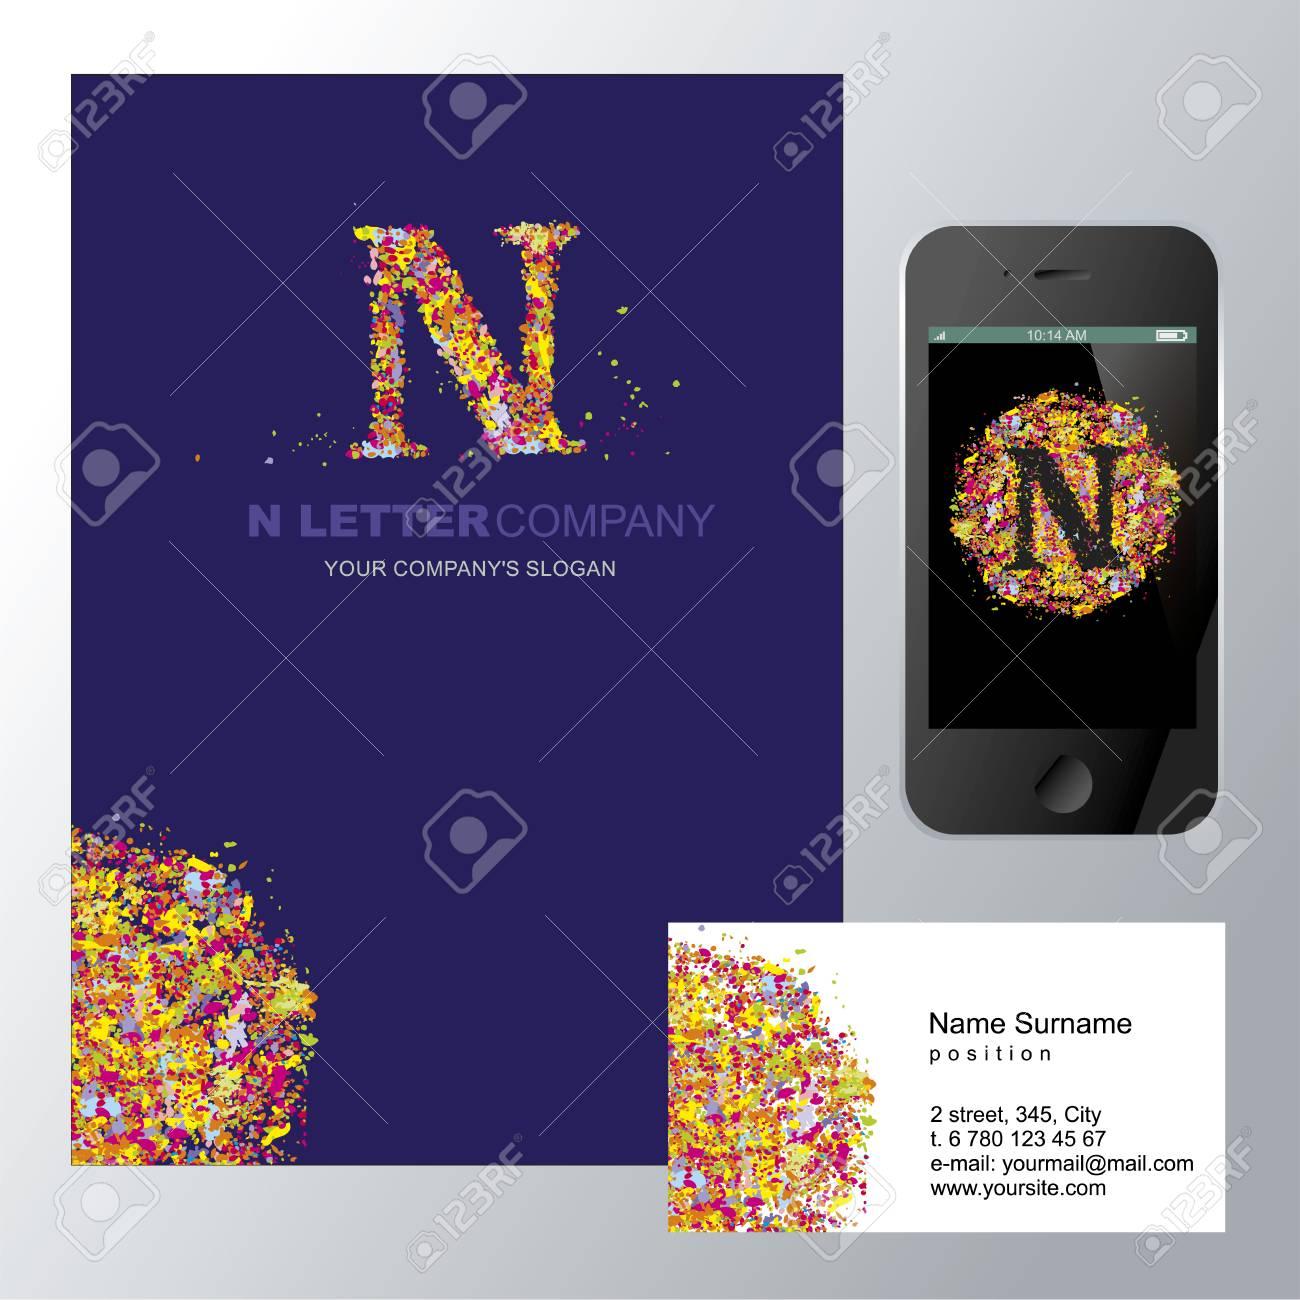 N Carta - Logotipo De Diseño De Concepto Ilustración. Resumen ...